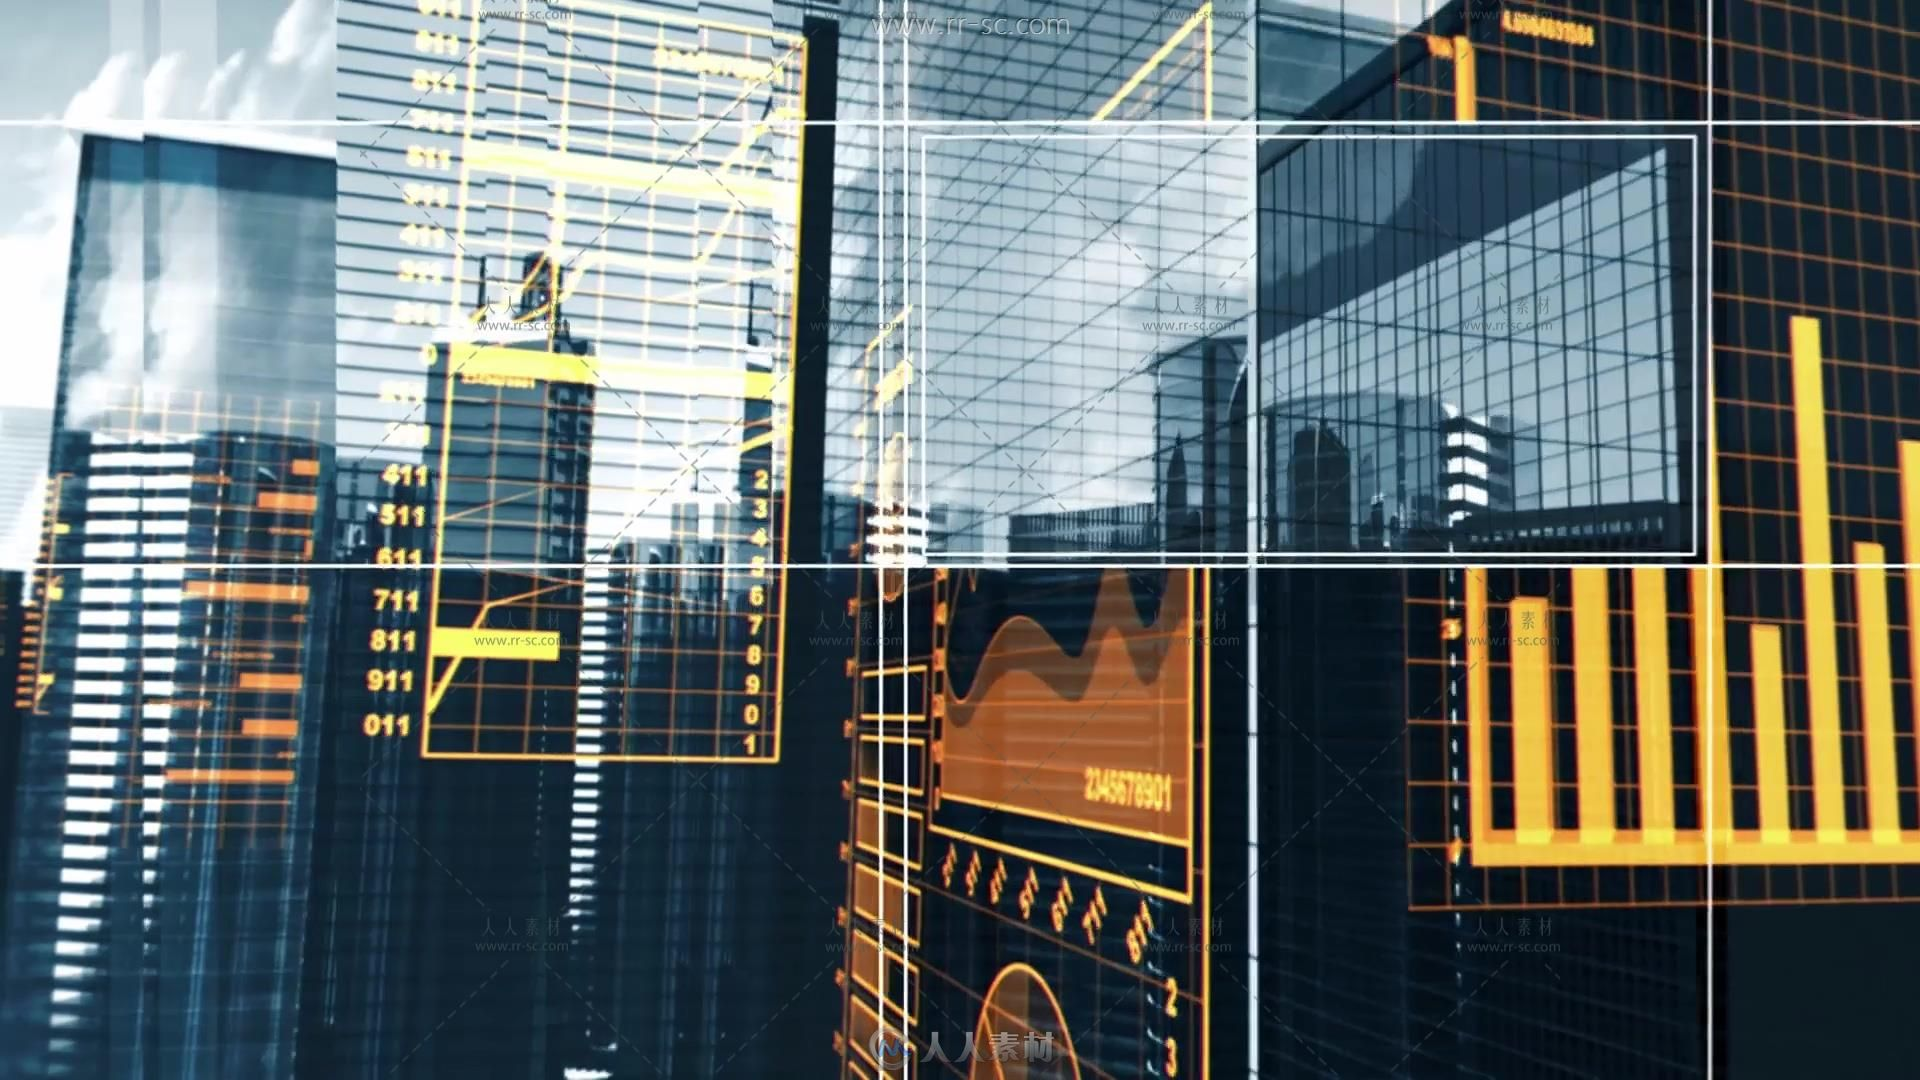 城市建筑数据分析房地产广告高清实拍视频素材